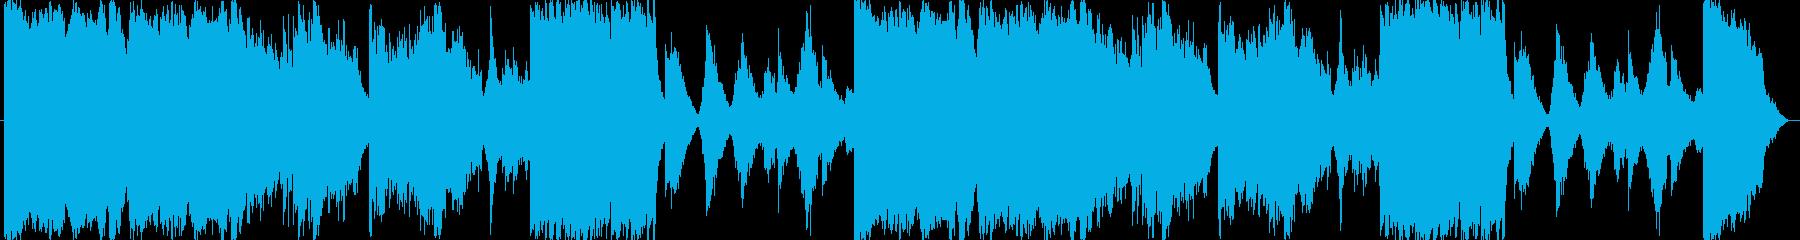 荒廃的な雰囲気のBGMの再生済みの波形